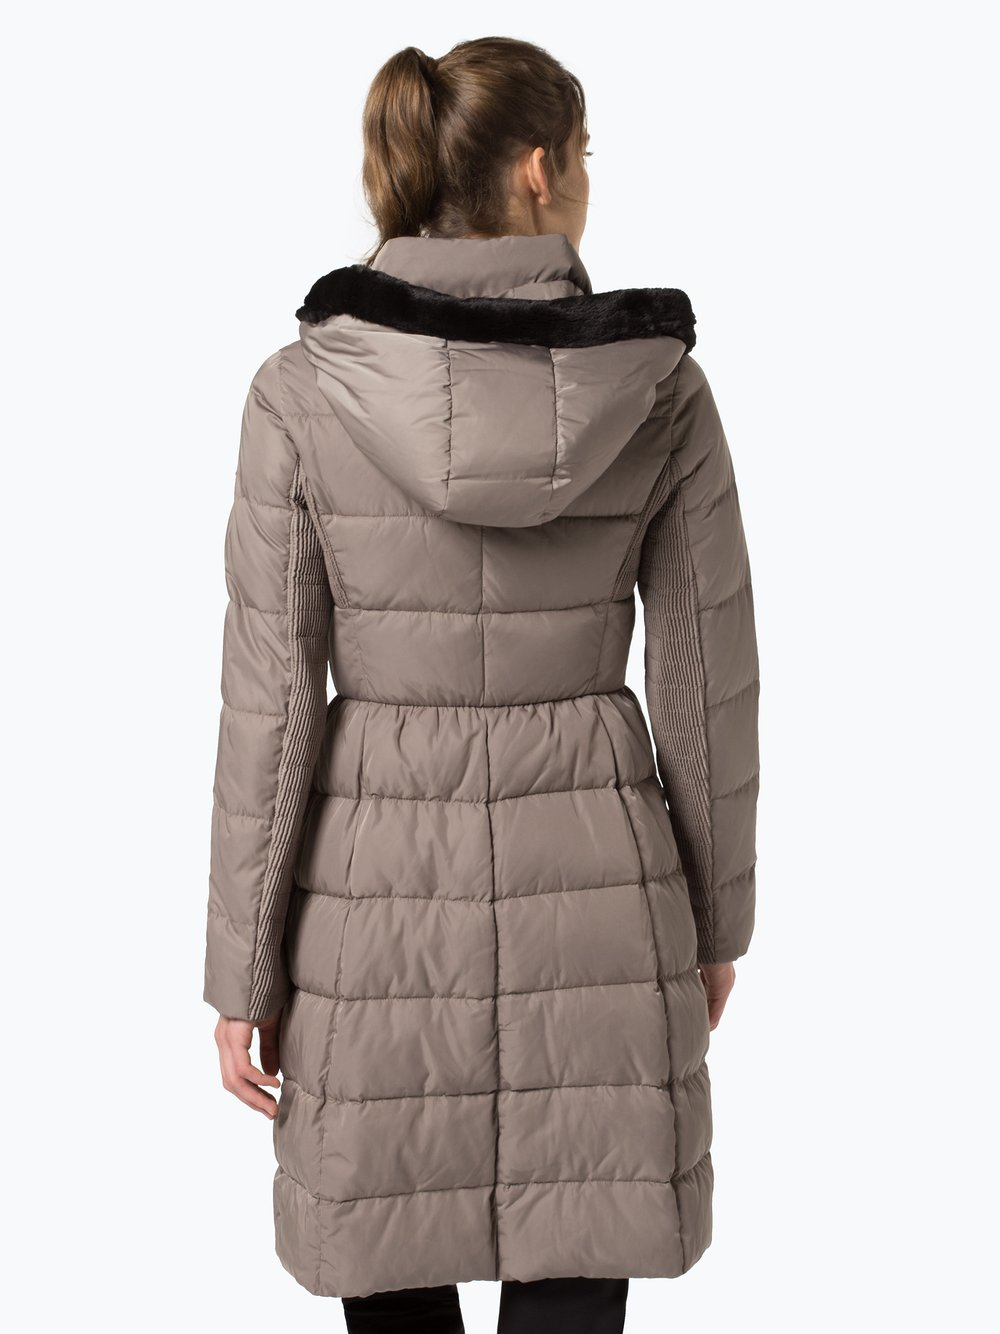 Armani Und Daunenmantel Damen Online KaufenPeek Jeans vNO08mwn